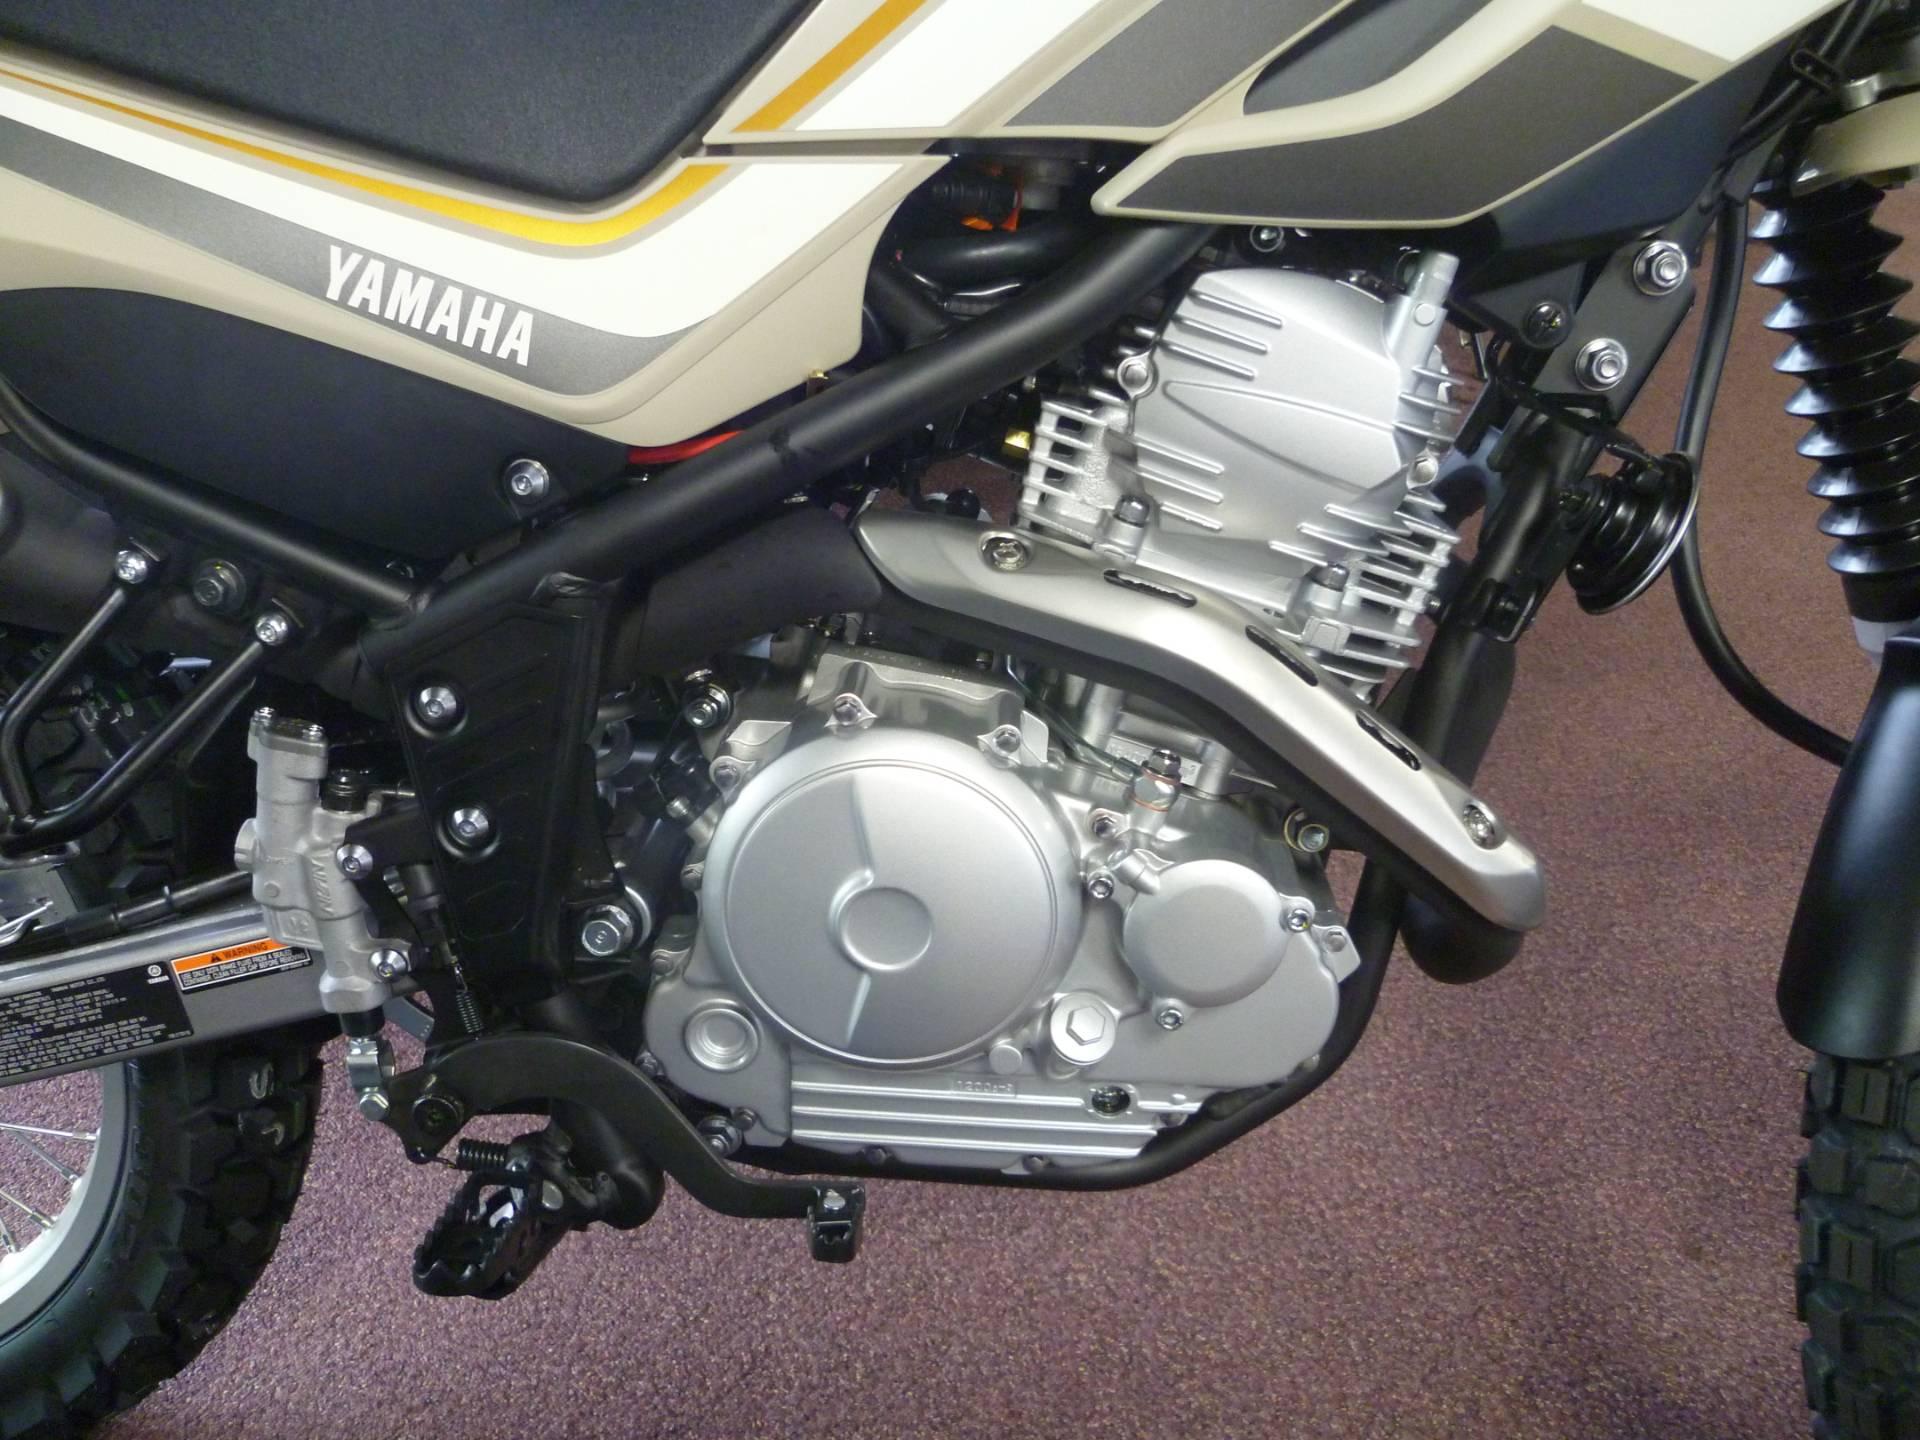 2018 Yamaha XT250 4